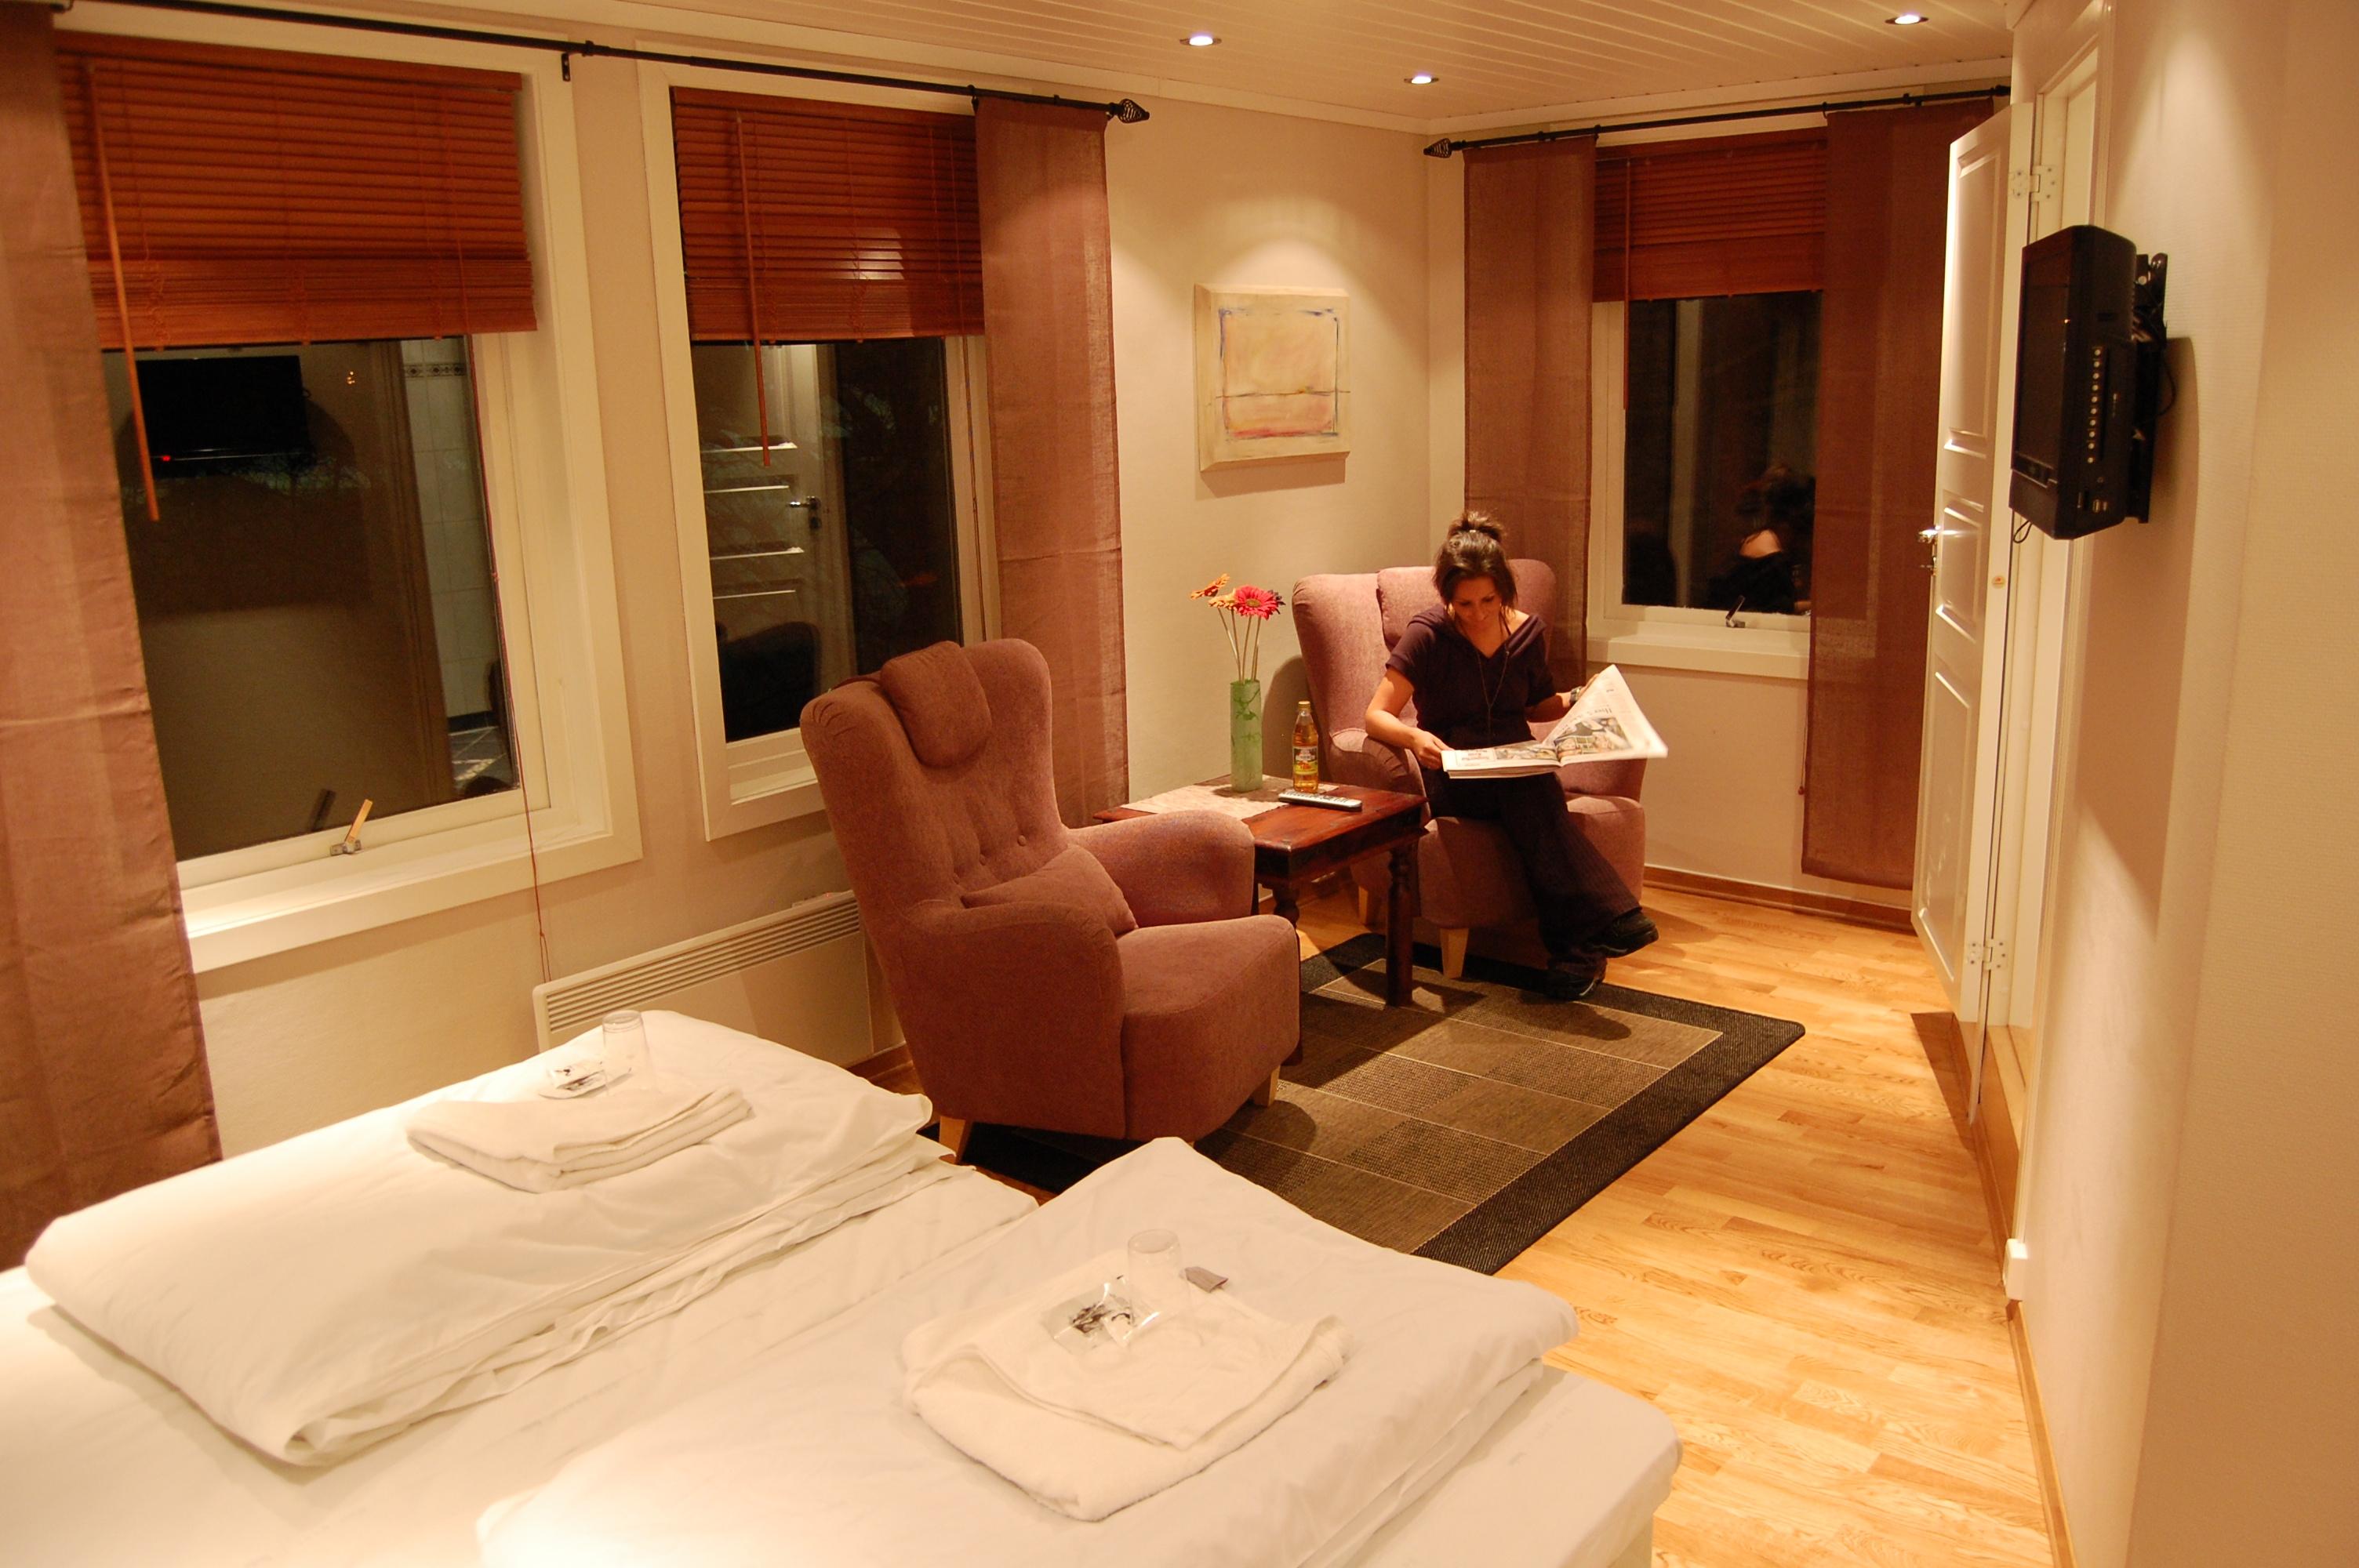 De nye rommene på Rjukan Gjestegård har hotellstandard. , © Rjukan Gjestegård